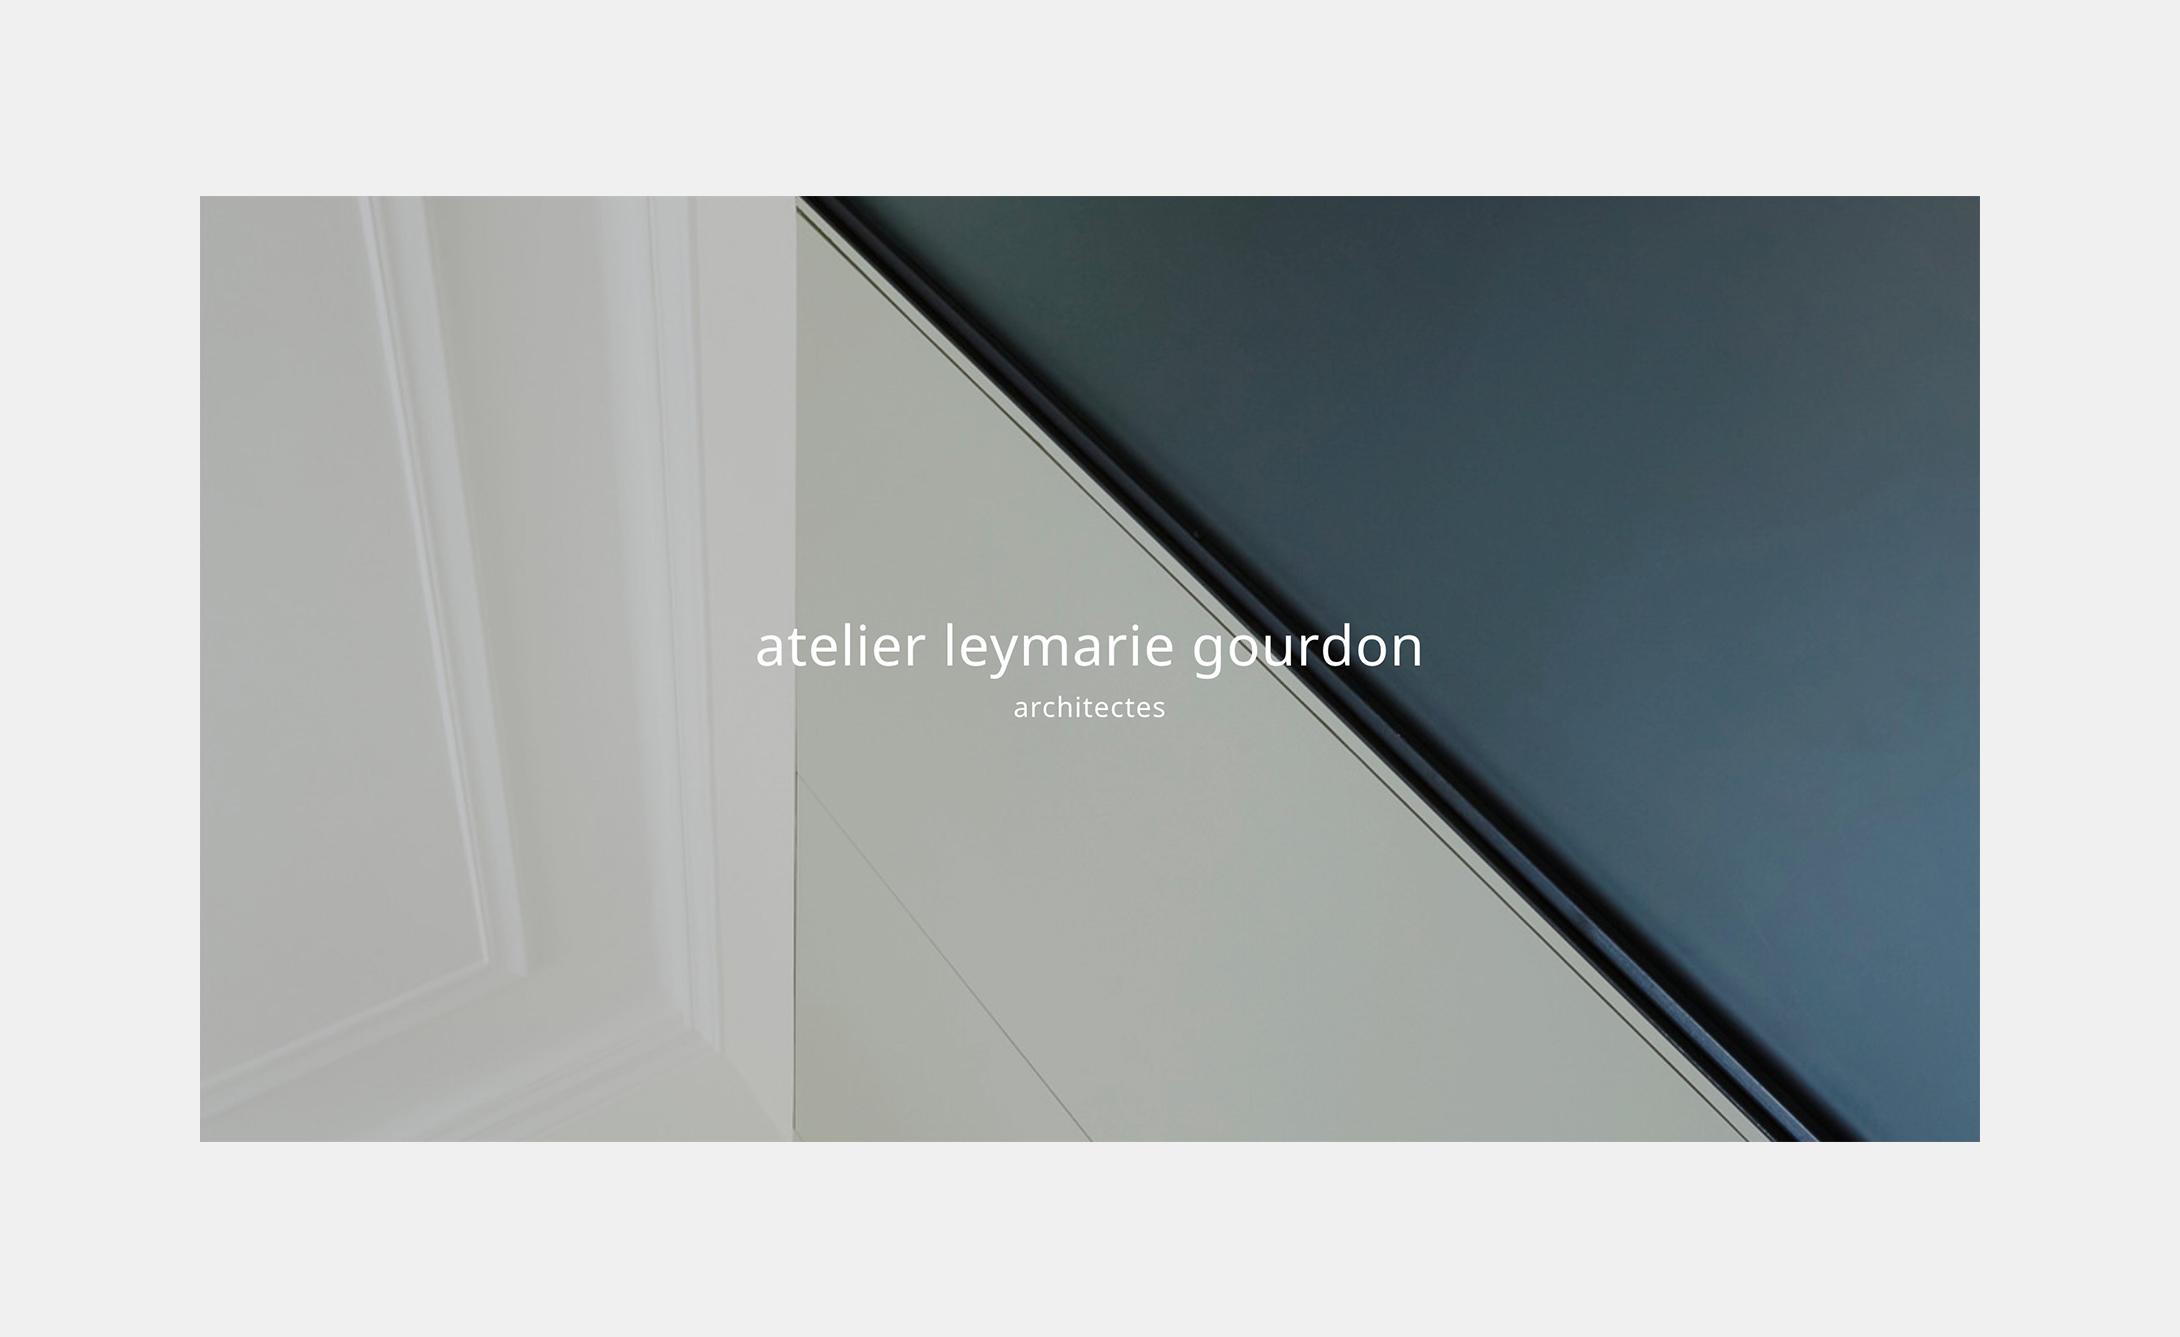 Atelier Leymarie Gourdon